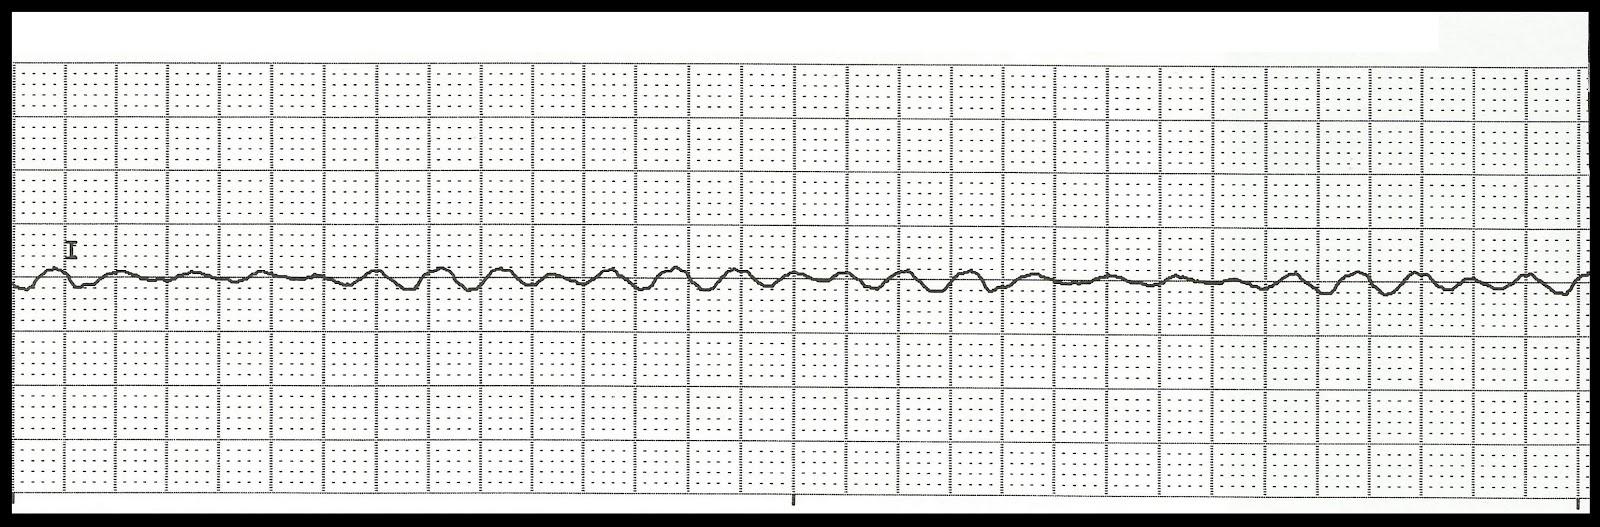 Float nurse ekg rhythm strip quiz 123